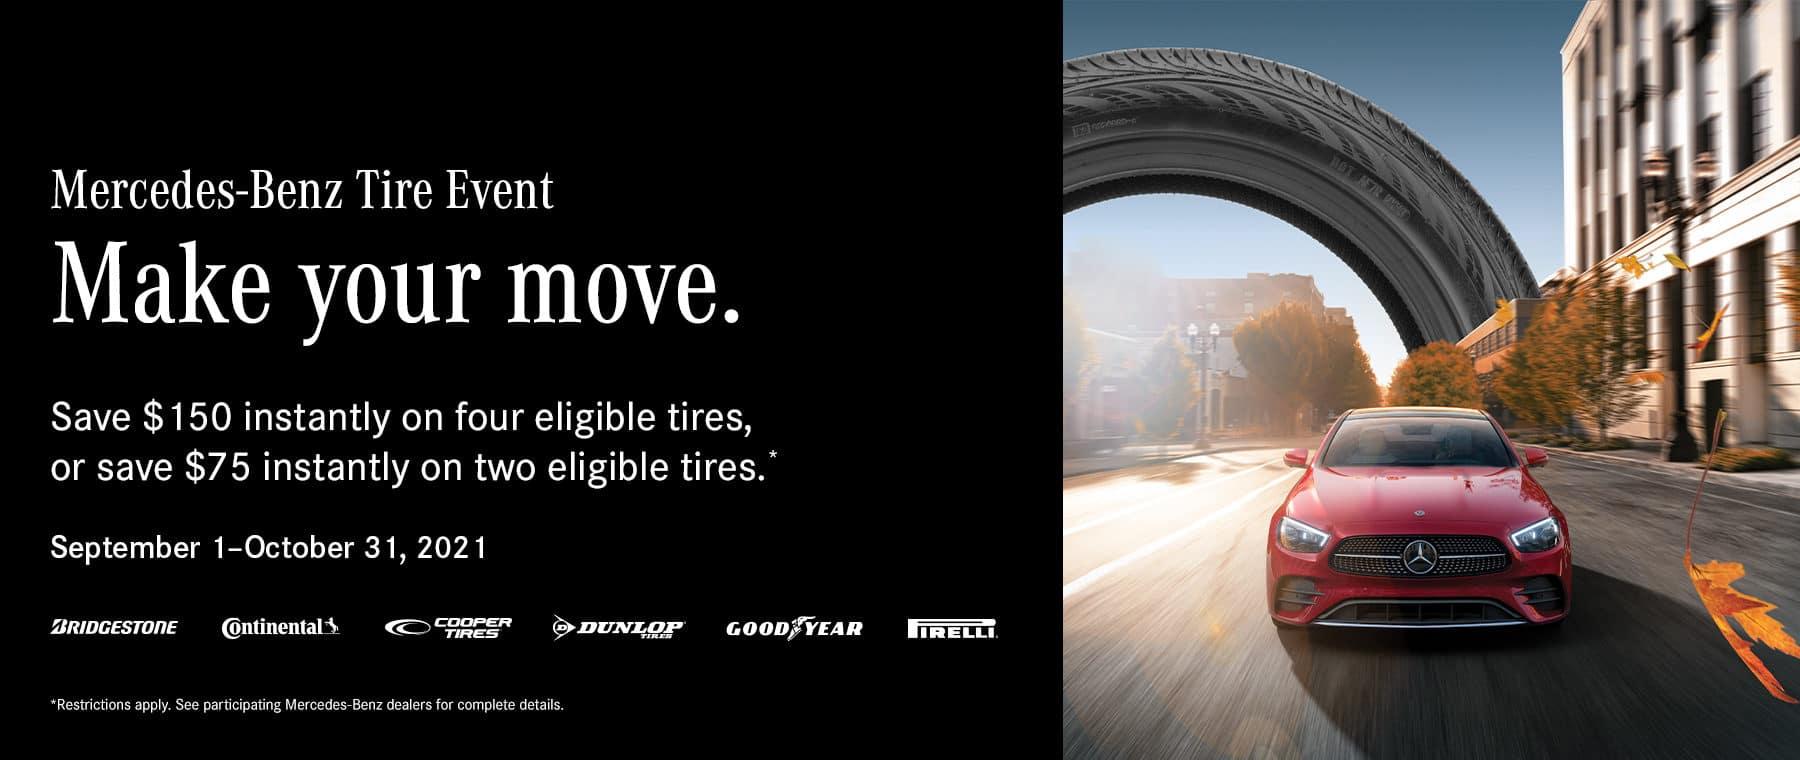 Mercedes-Benz of Fort Washington Mercedes tire specials